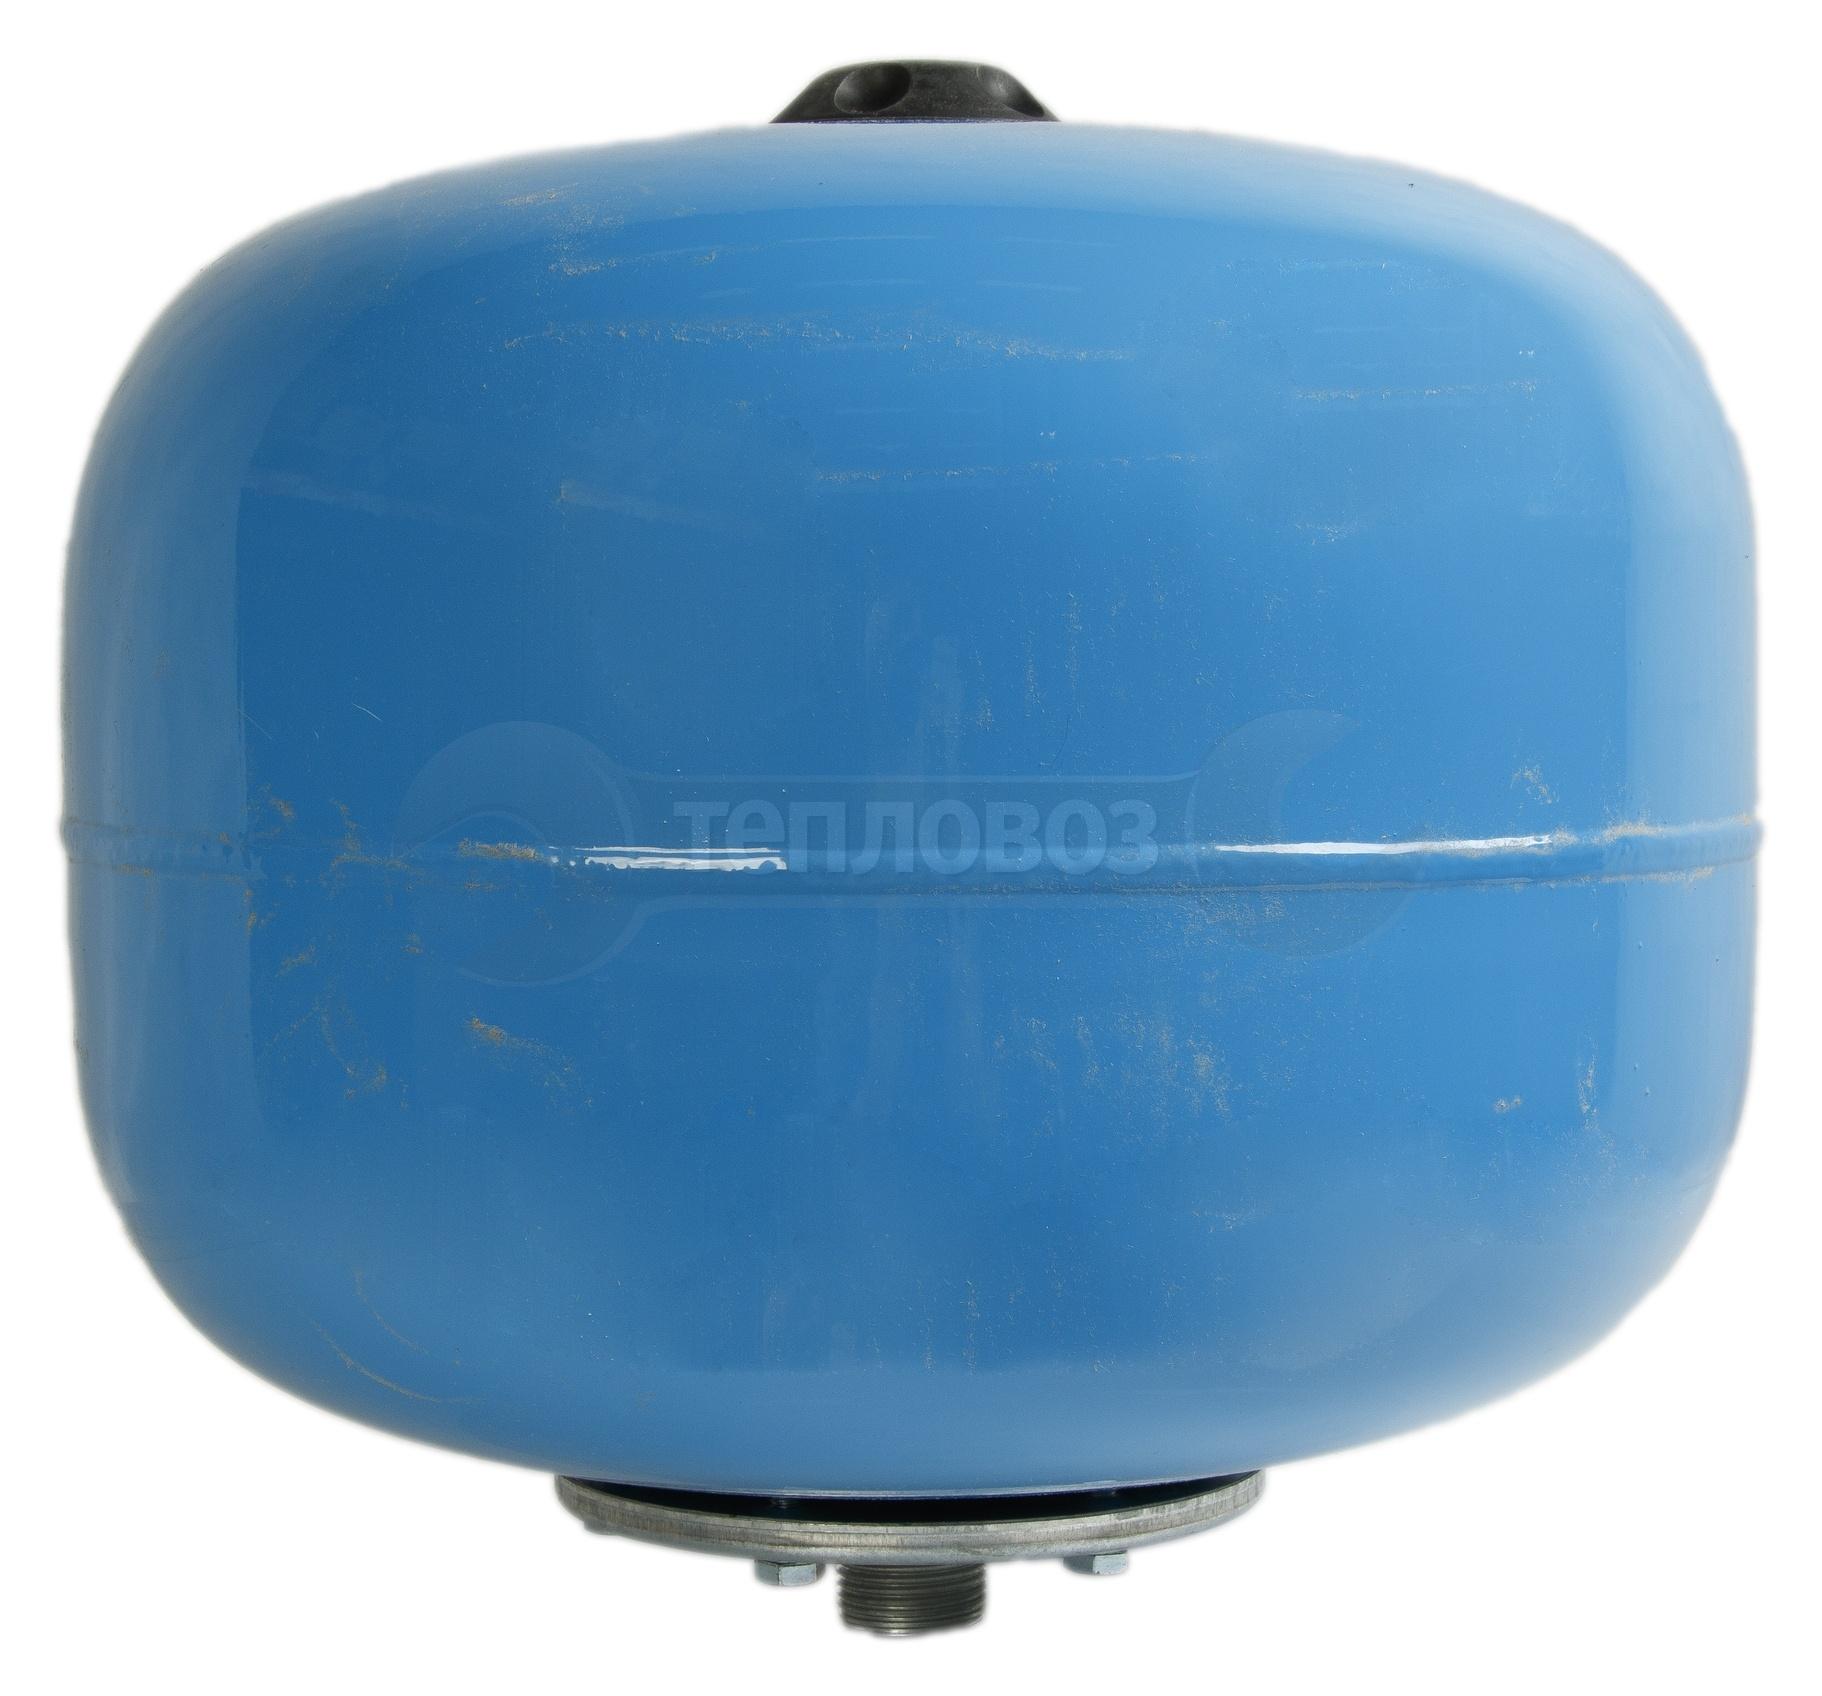 Купить Униджиби И024ГВ 24 л вертикальный в интернет-магазине Дождь